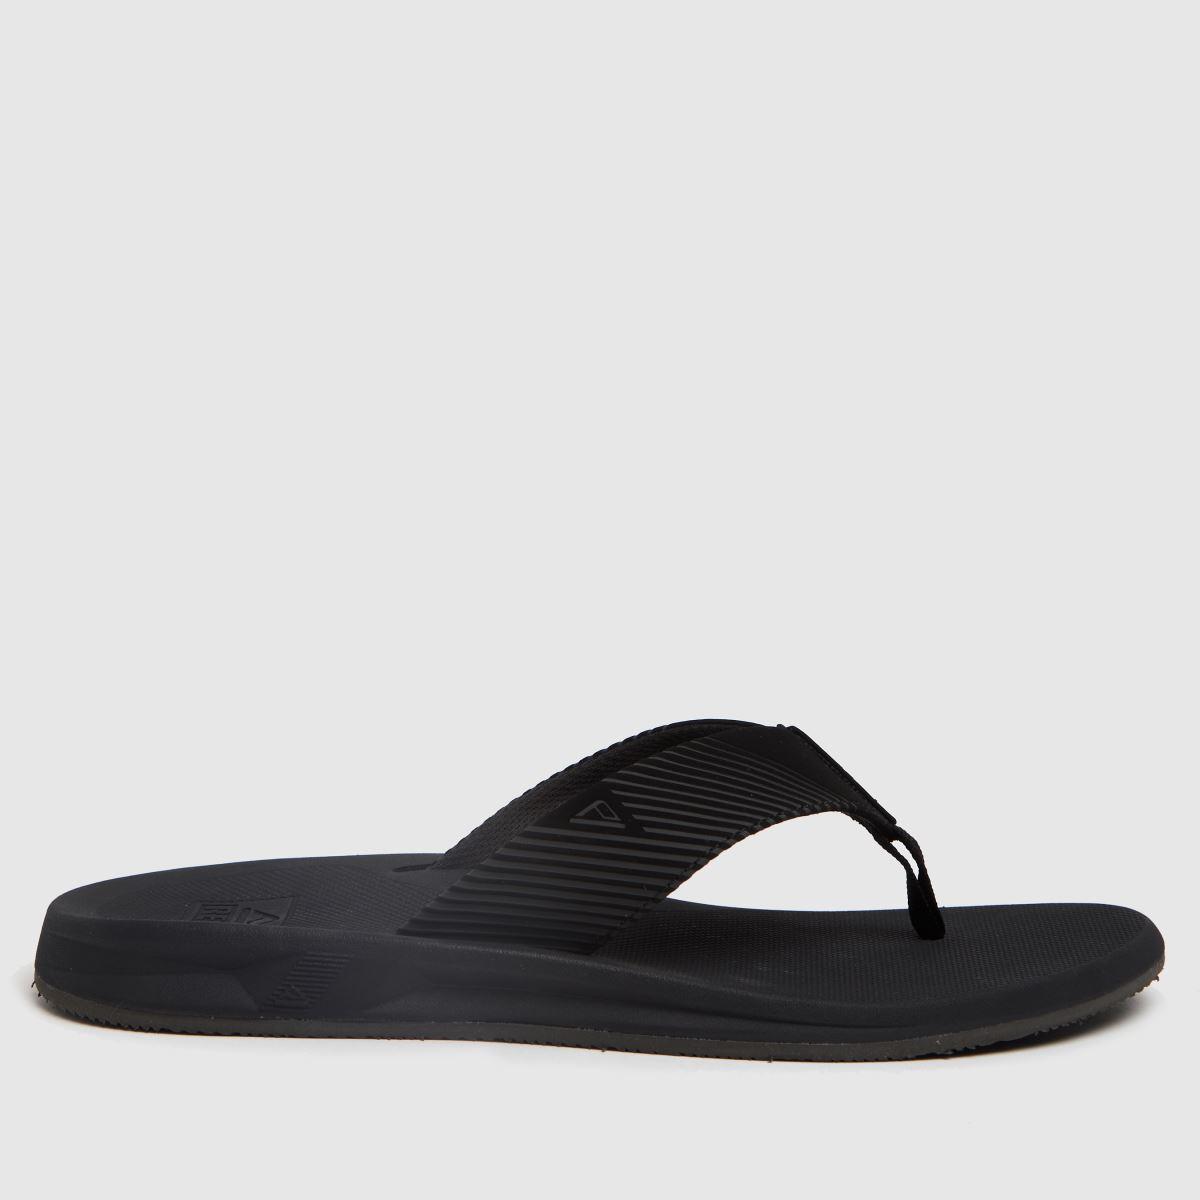 Reef Black Phantom Ii Sandals